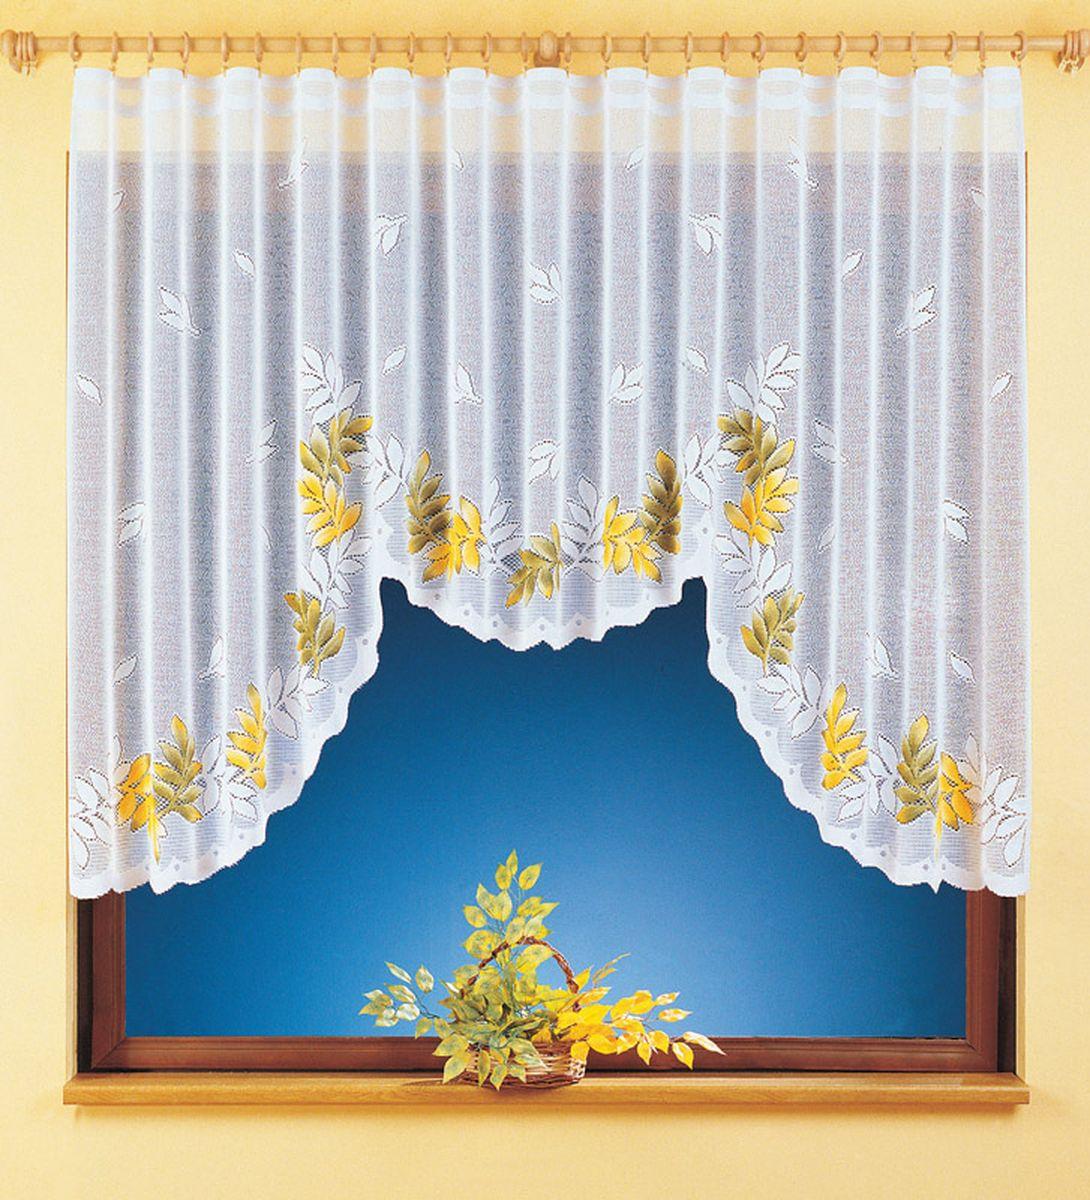 Гардина Wisan Yulia, на ленте, цвет: белый, высота 150 смPANTERA SPX-2RSВоздушная гардина Wisan Yulia, изготовленная из полиэстера, станет великолепным украшением любого окна. Изделие украшено ручной раскраской в виде листьев. Оригинальное оформление гардины внесет разнообразие и подарит заряд положительного настроения.Гардина оснащена шторной лентой для крепления на карниз.